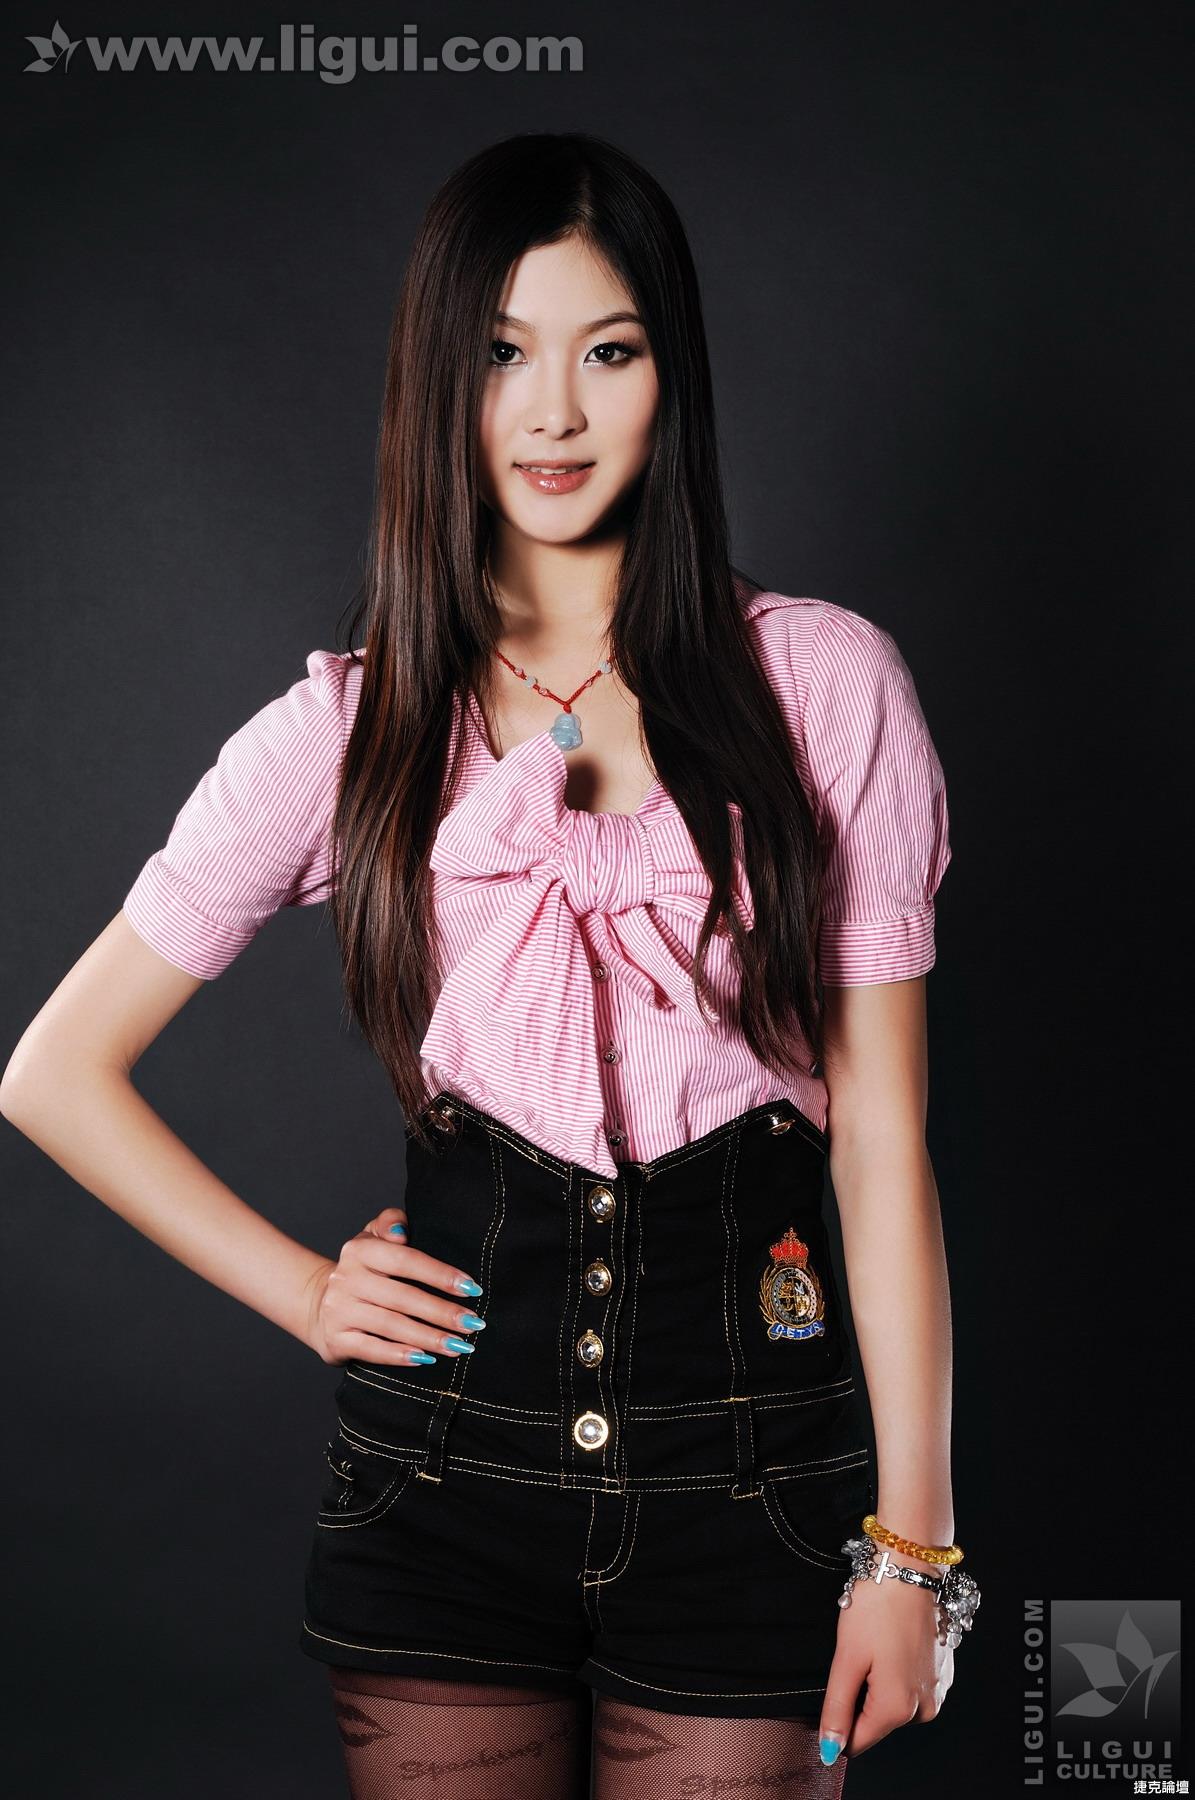 Ligui - 性感迷人的絲襪  孫躍- Sunyue[55P] - 貼圖 - 絲襪美腿 -